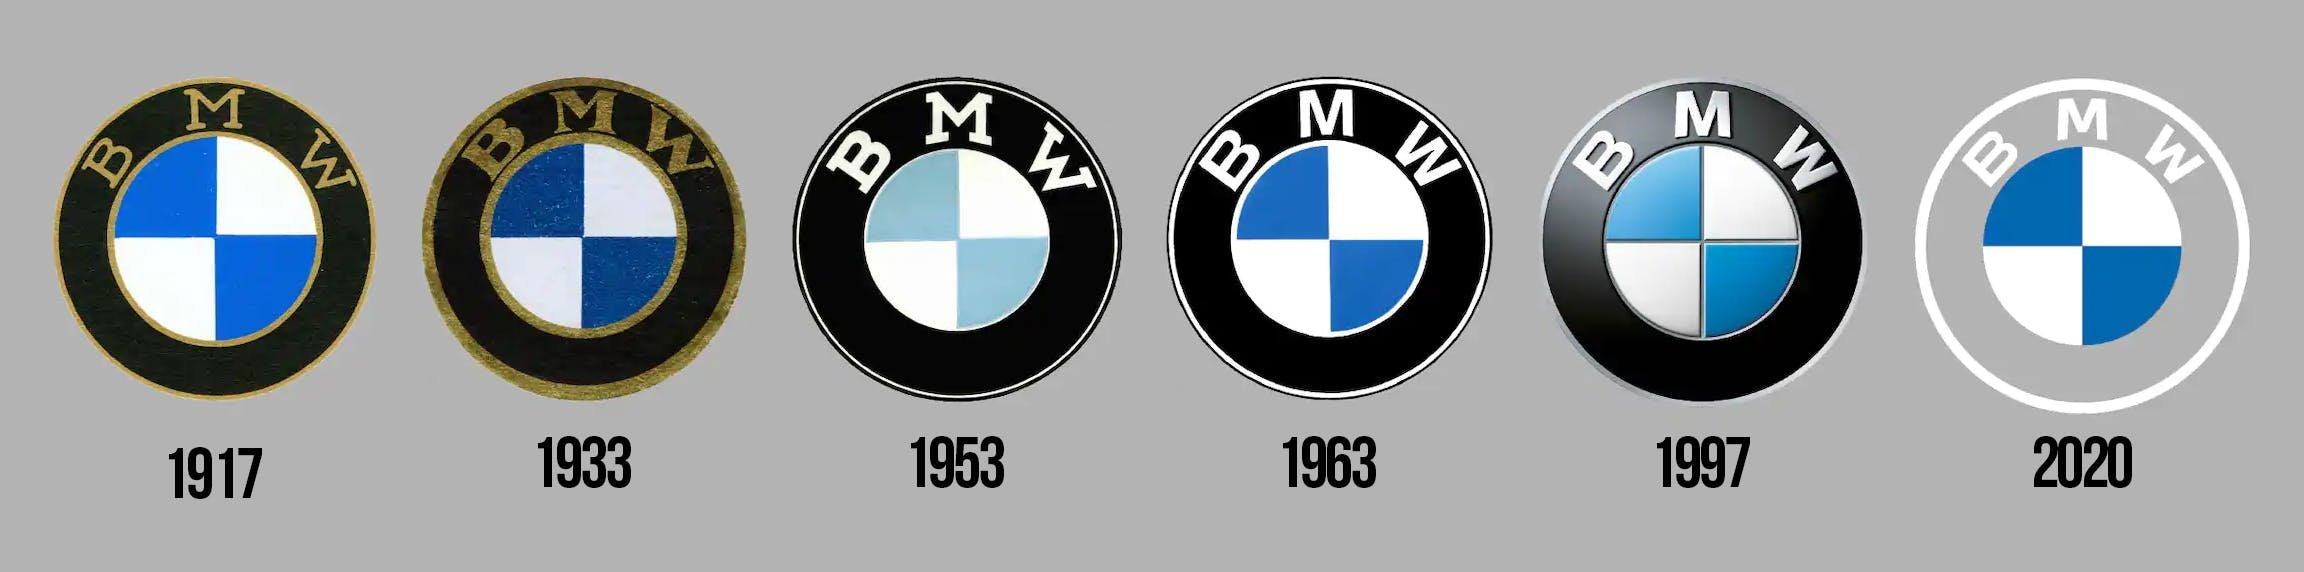 Эволюция логотипов BMW